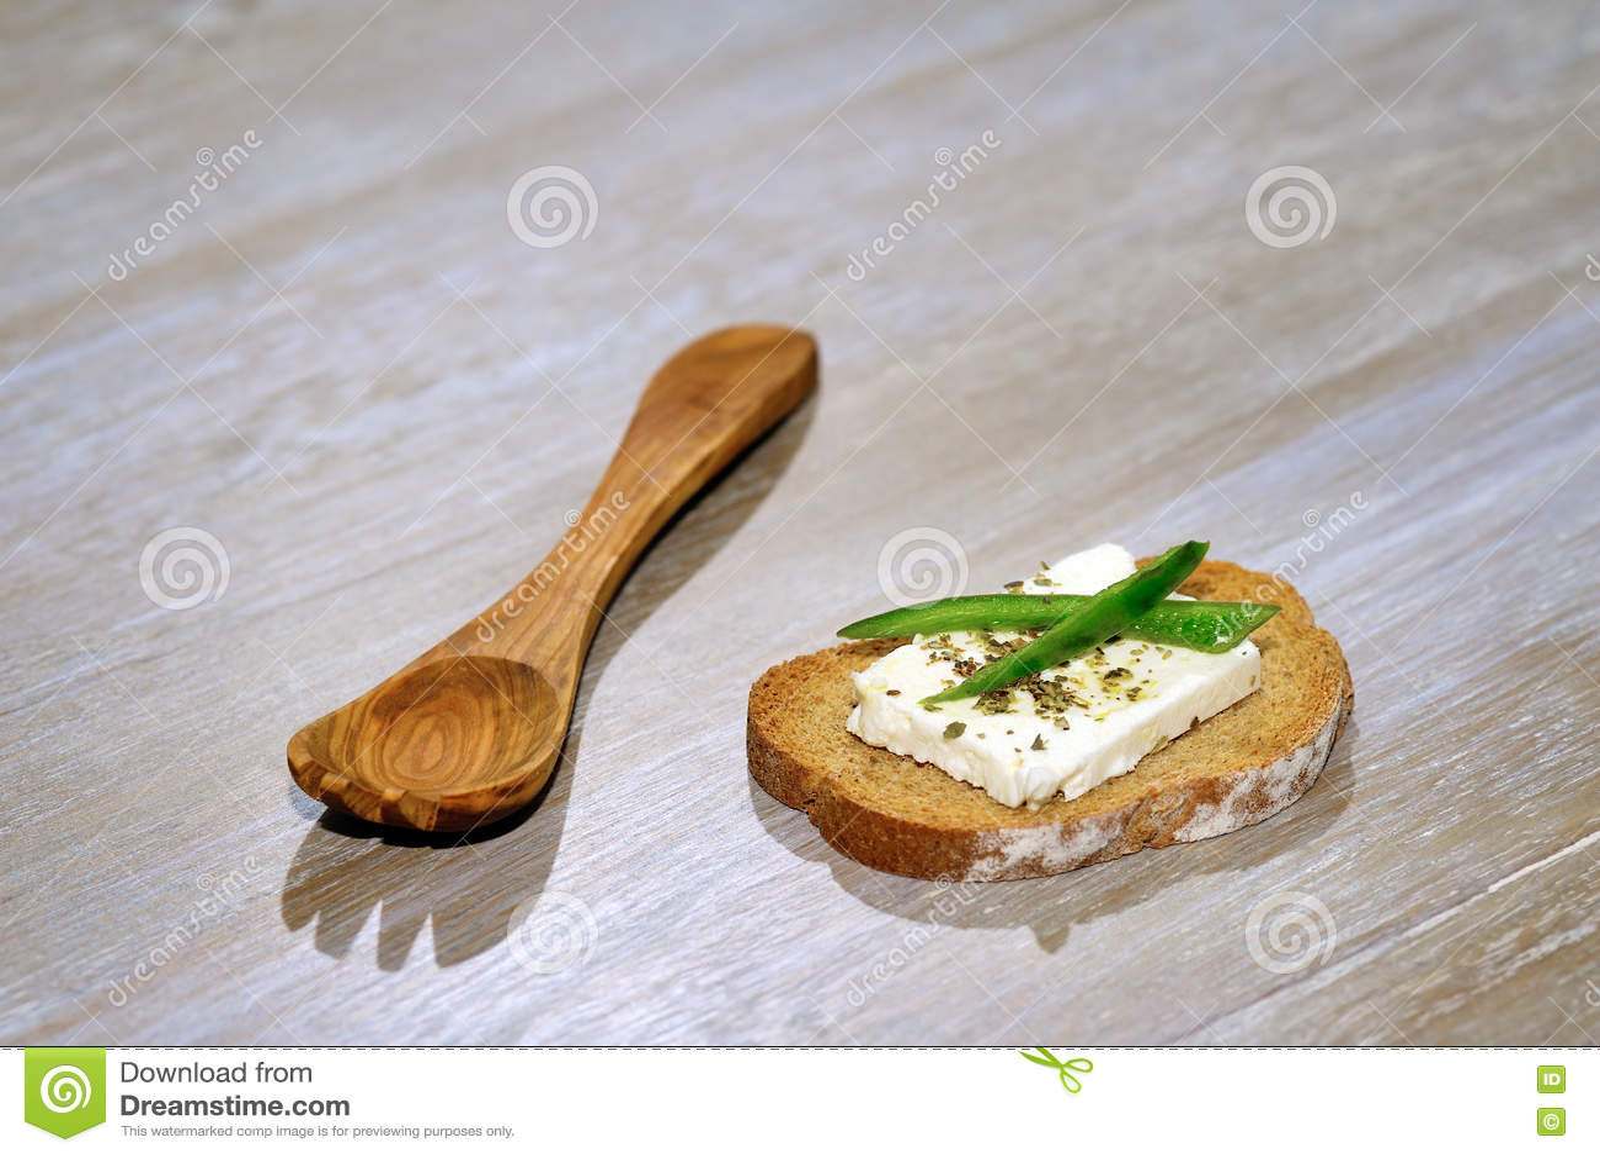 Organisk smörgås